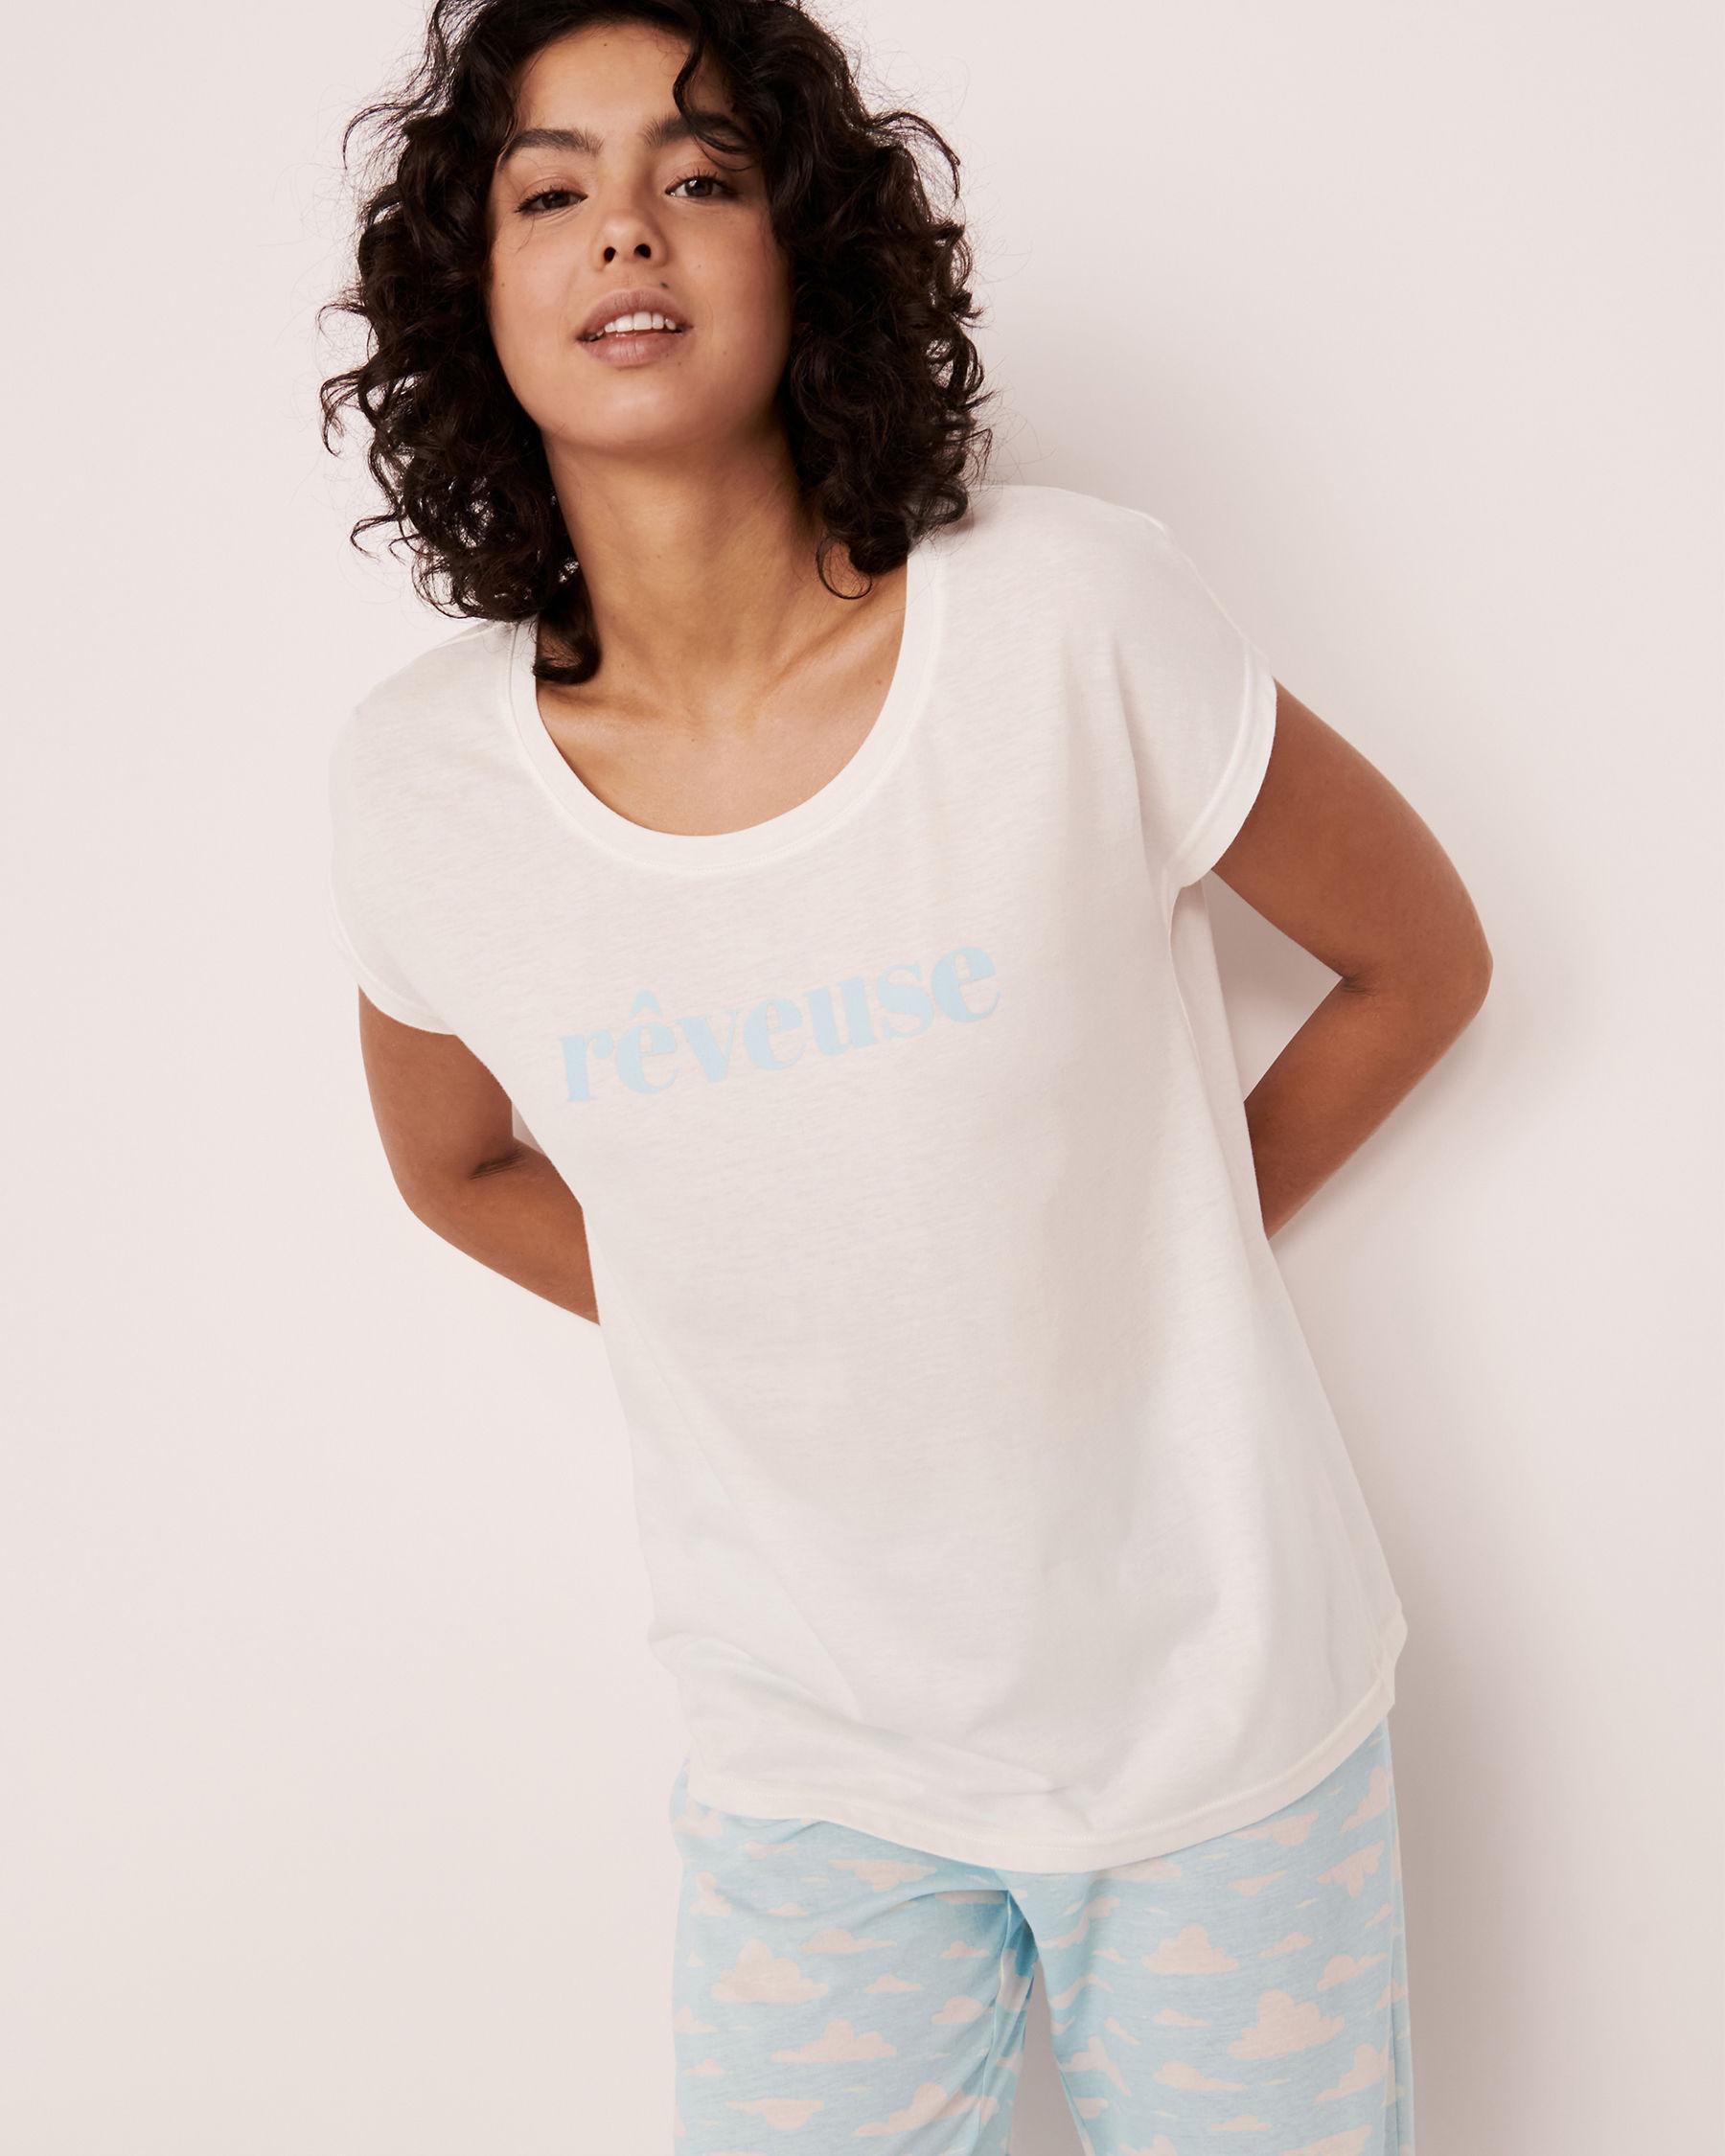 LA VIE EN ROSE Scoop Neck T-shirt White 40100170 - View1